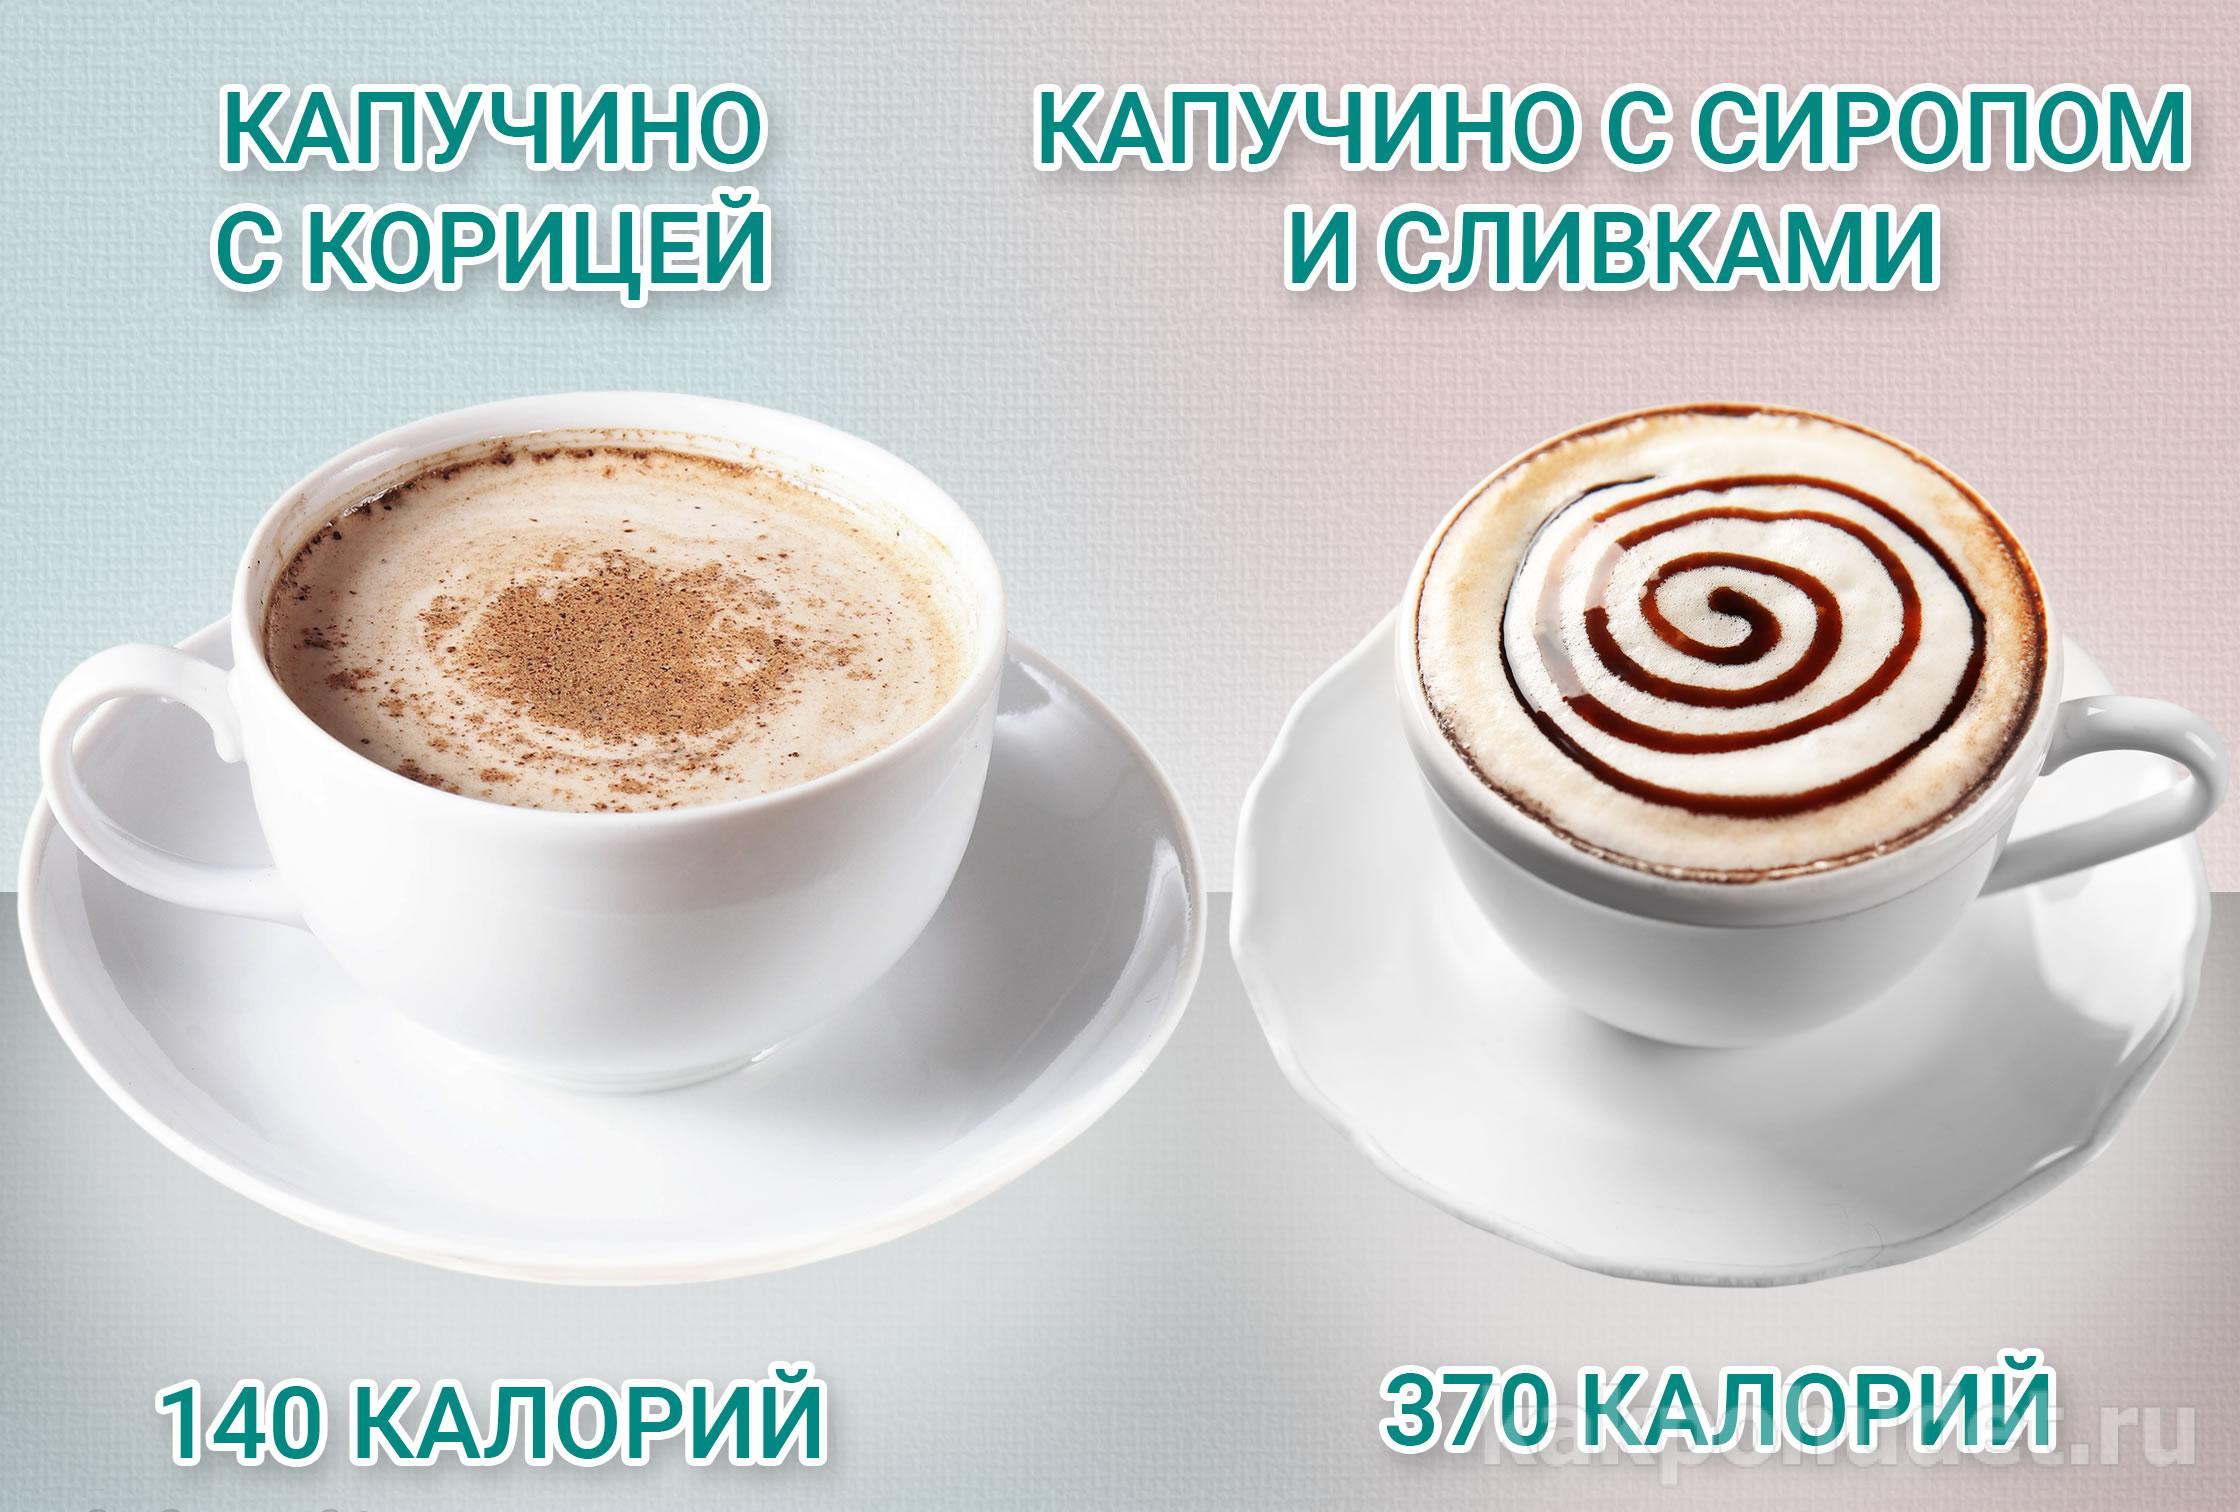 два варианта популярного напитка